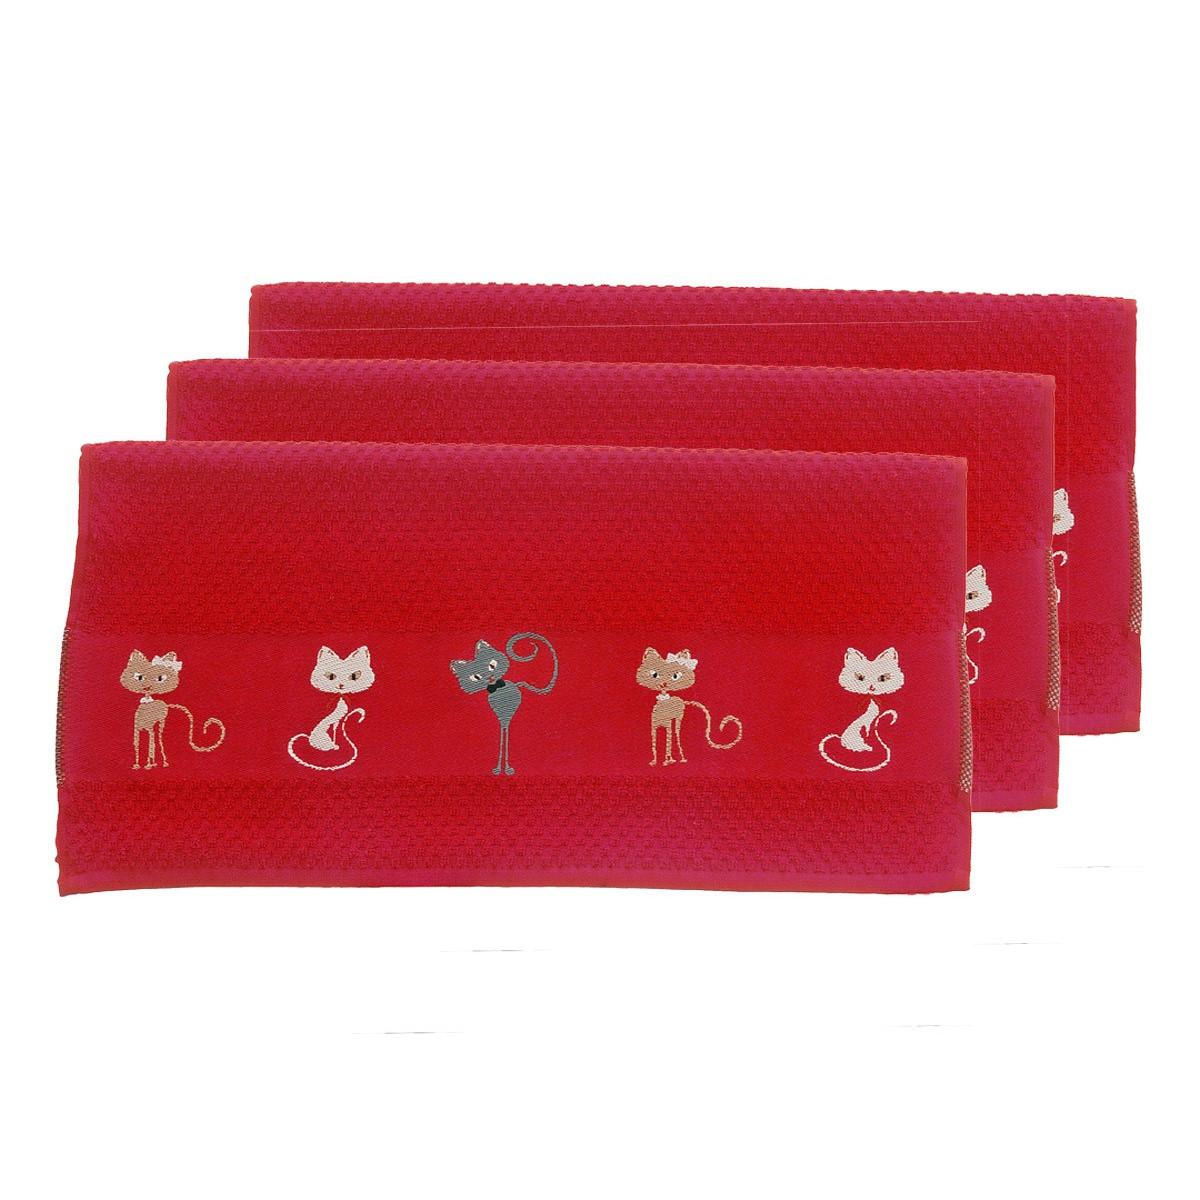 Torchon en polyester rouge 50x70